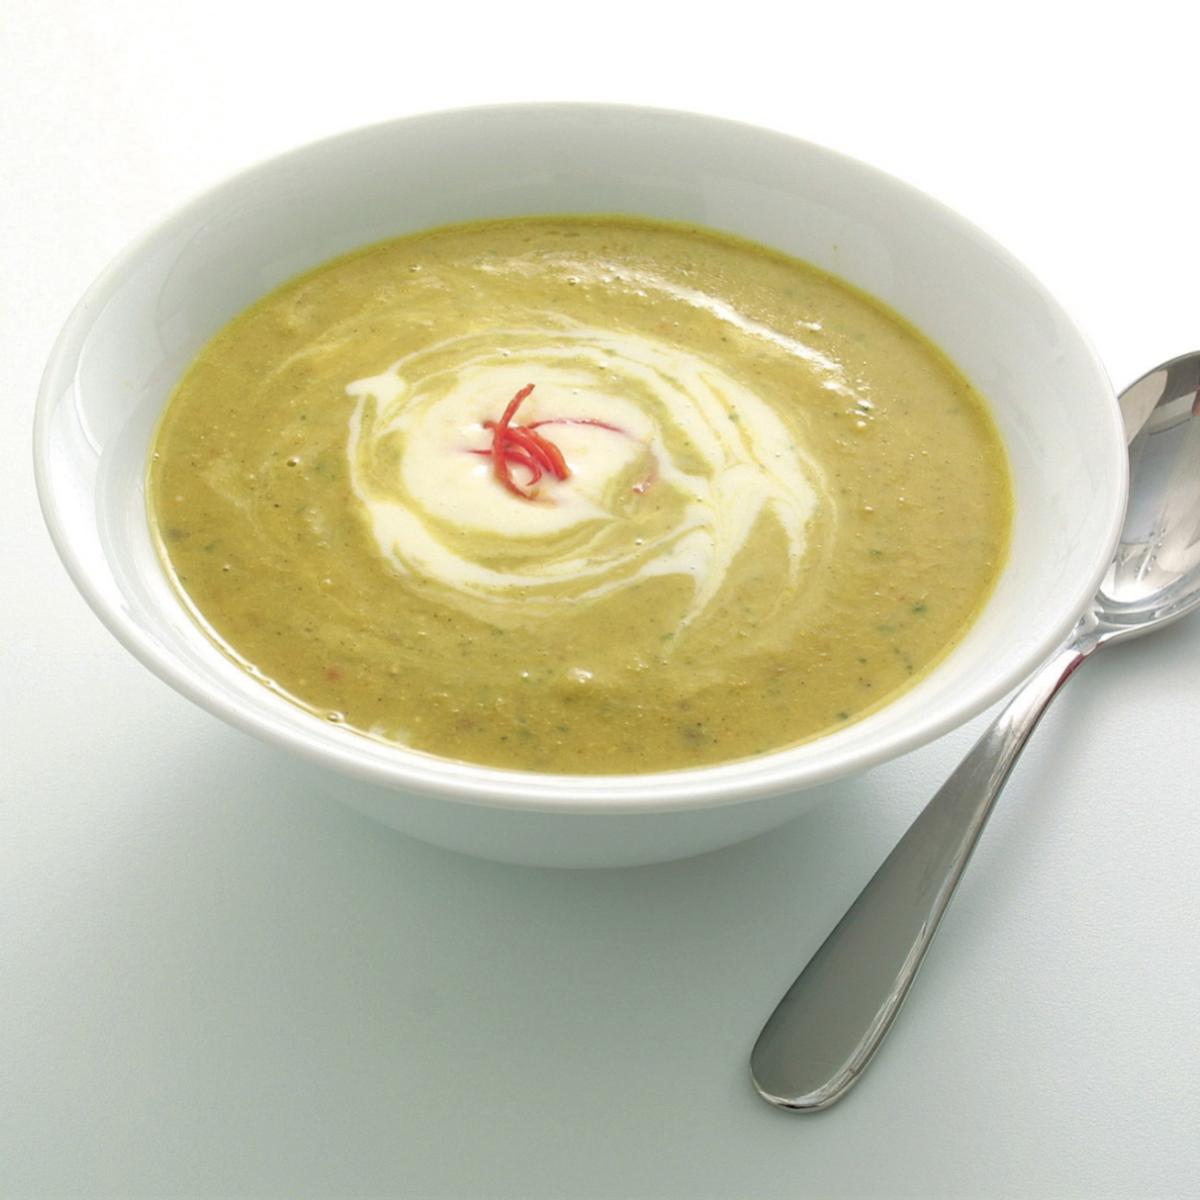 A picture of Delia's Chickpea, Chilli and Coriander Soup recipe